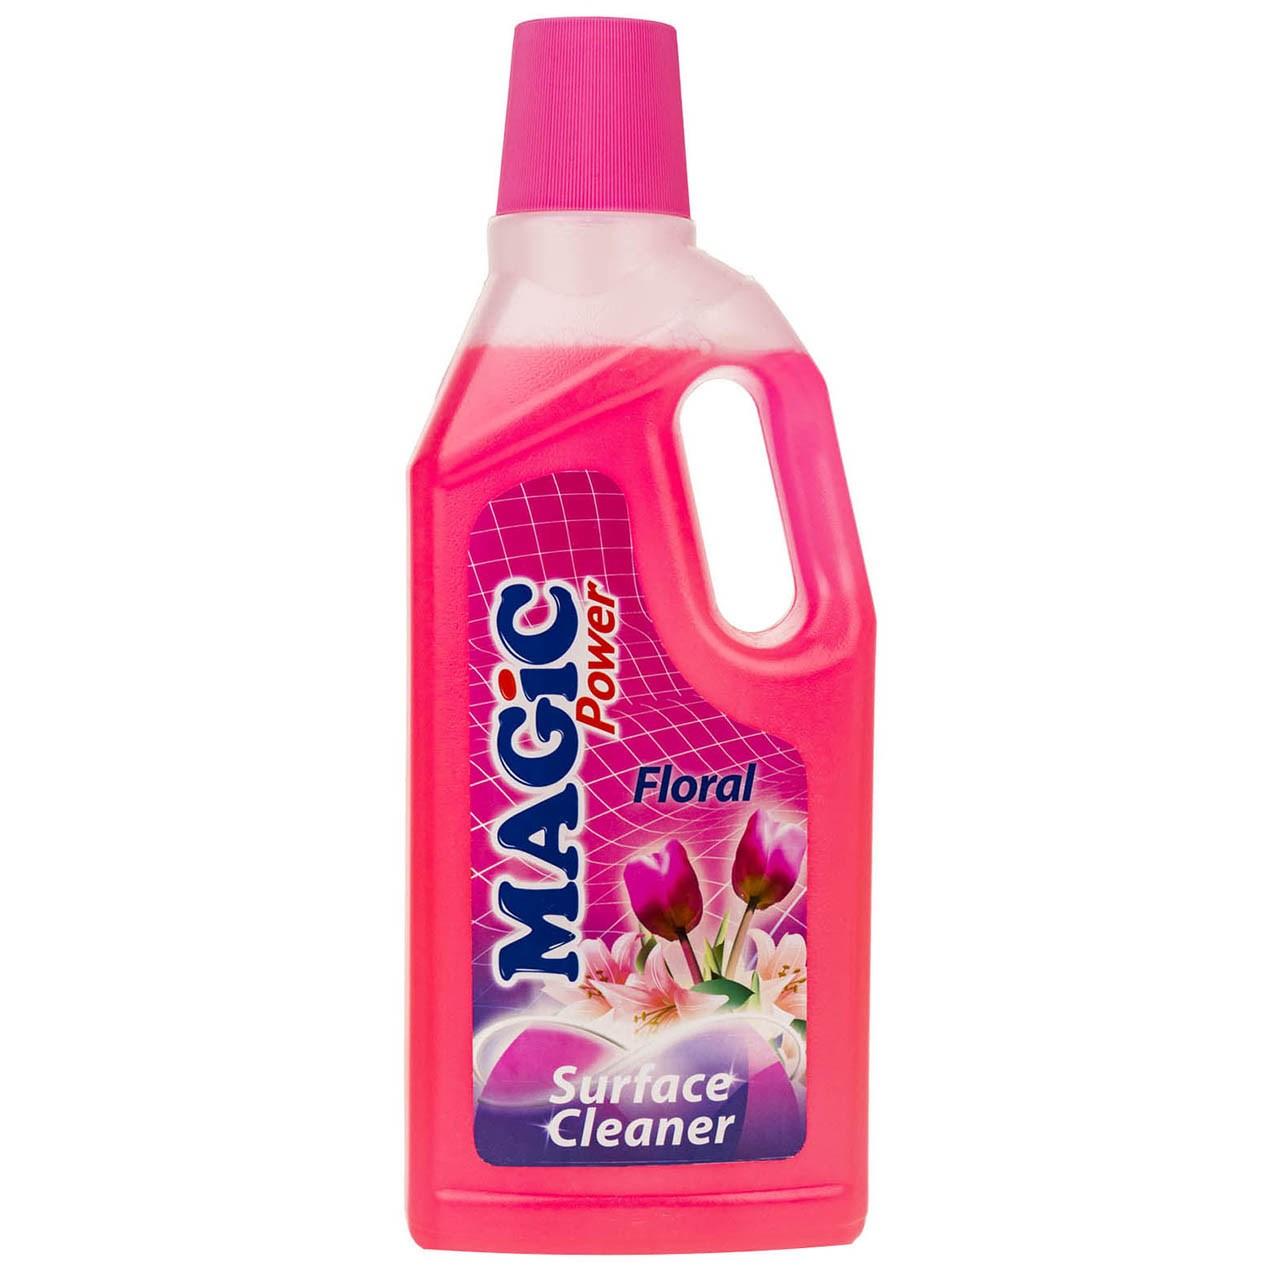 مایع پاک کننده سطوح مجیک پاور مدل Floral حجم 1 لیتر